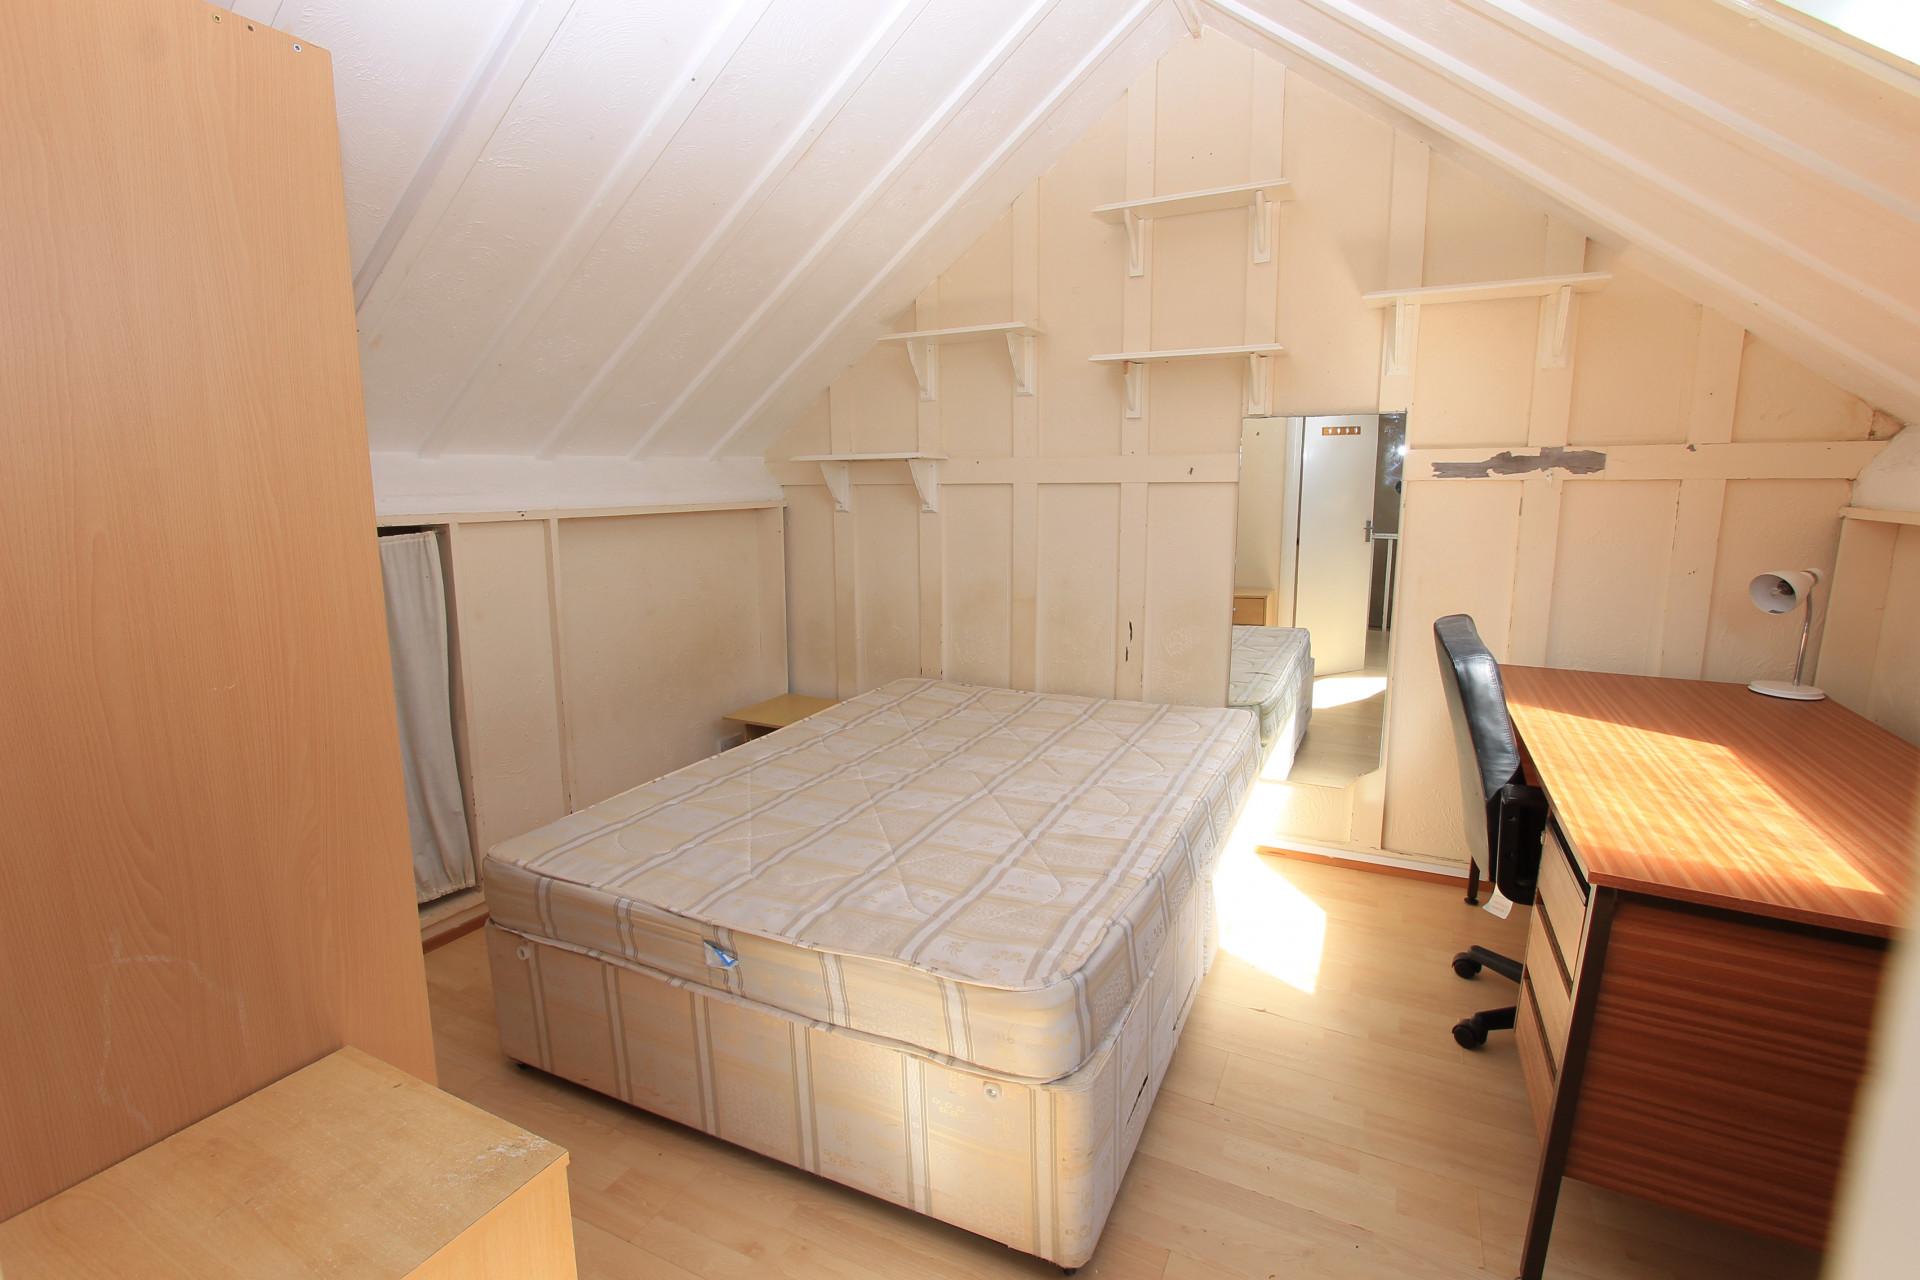 8 Bedroom Student House, Brighton